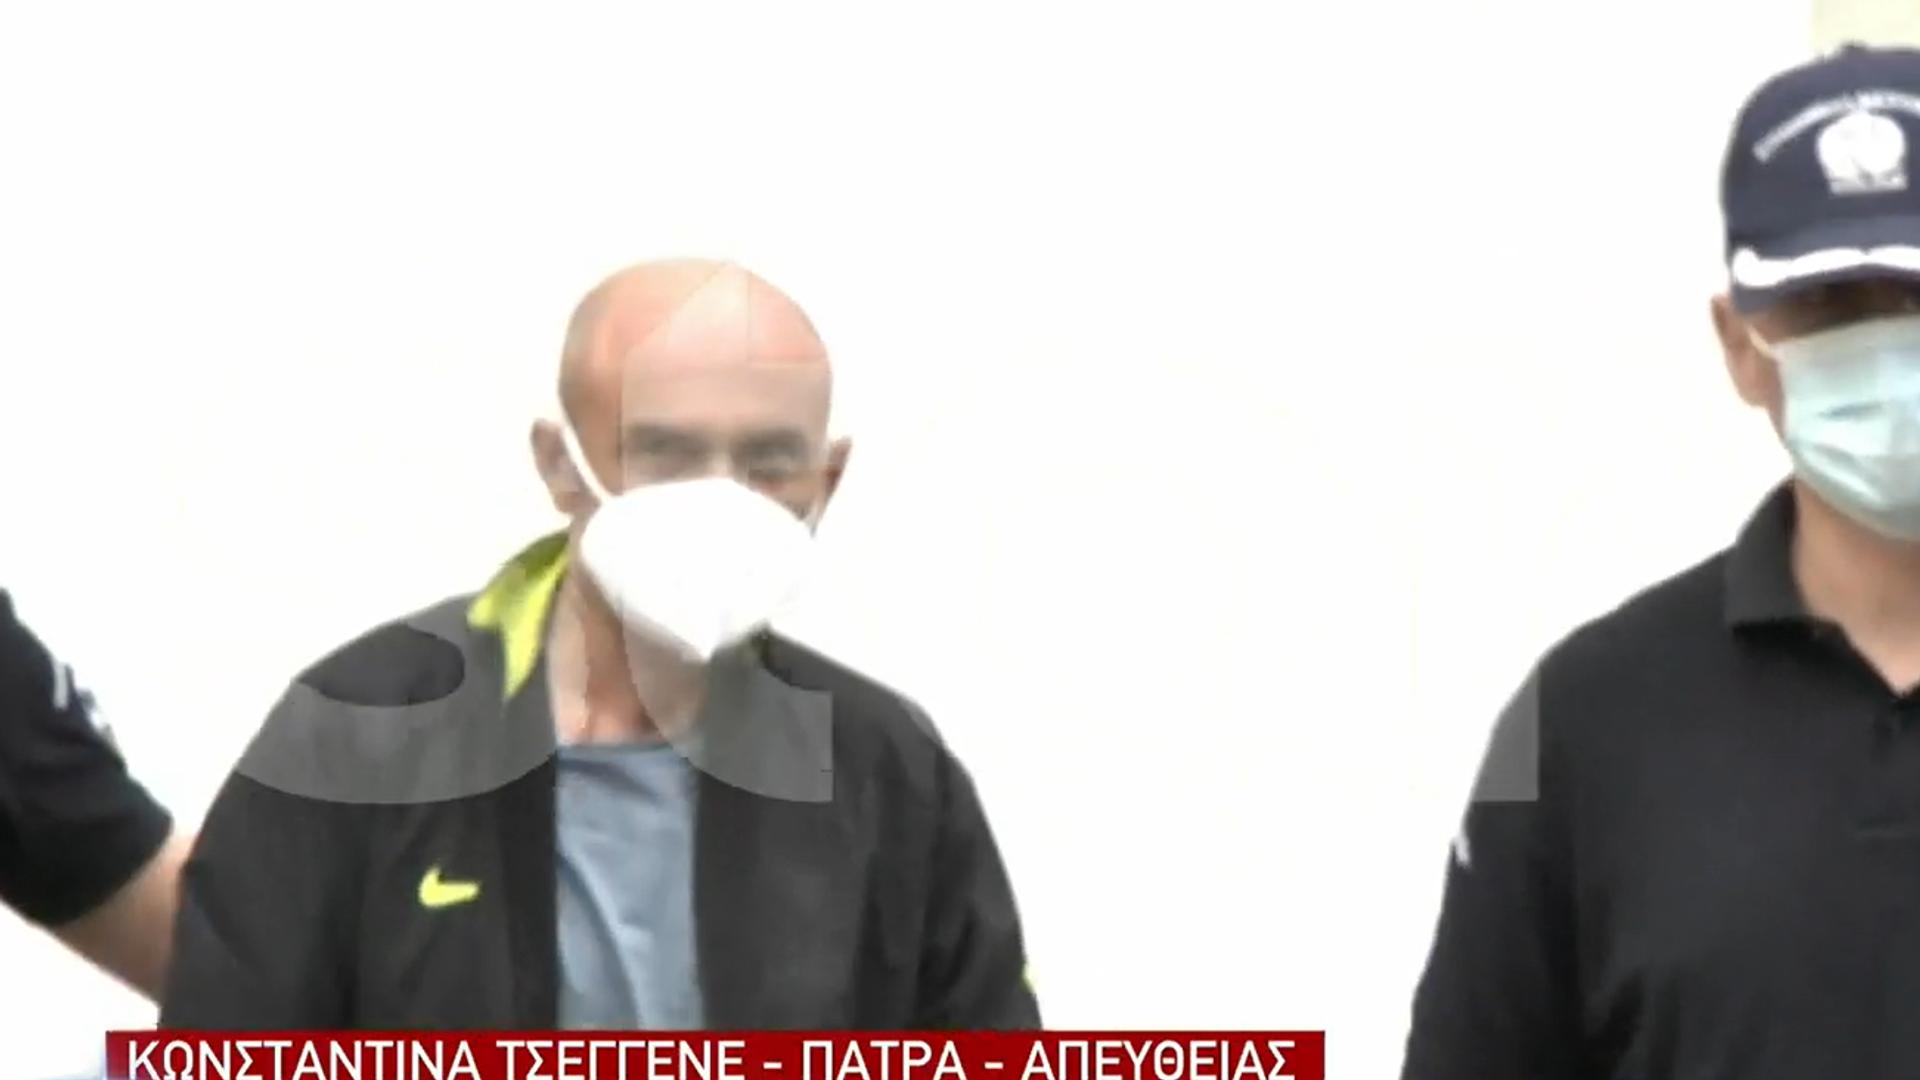 Αποφυλακίστηκε ο Νίκος Παλαιοκώστας - Sputnik Ελλάδα, 1920, 07.10.2021